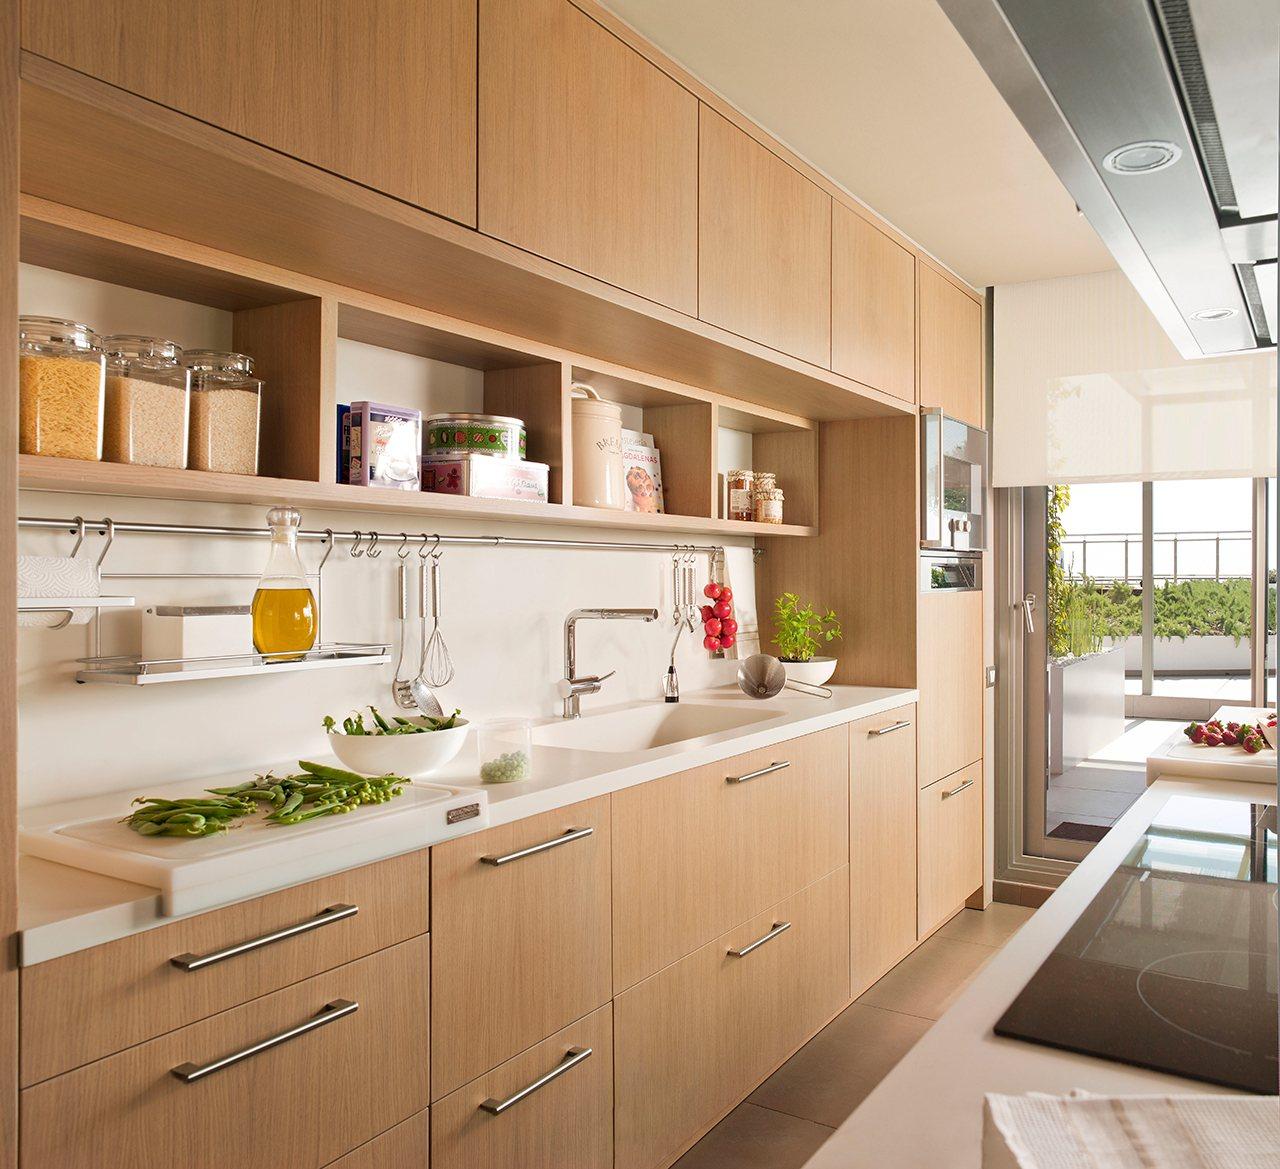 Ideas para aprovechar el espacio en las cocinas peque as for Ideas para decorar paredes de cocina